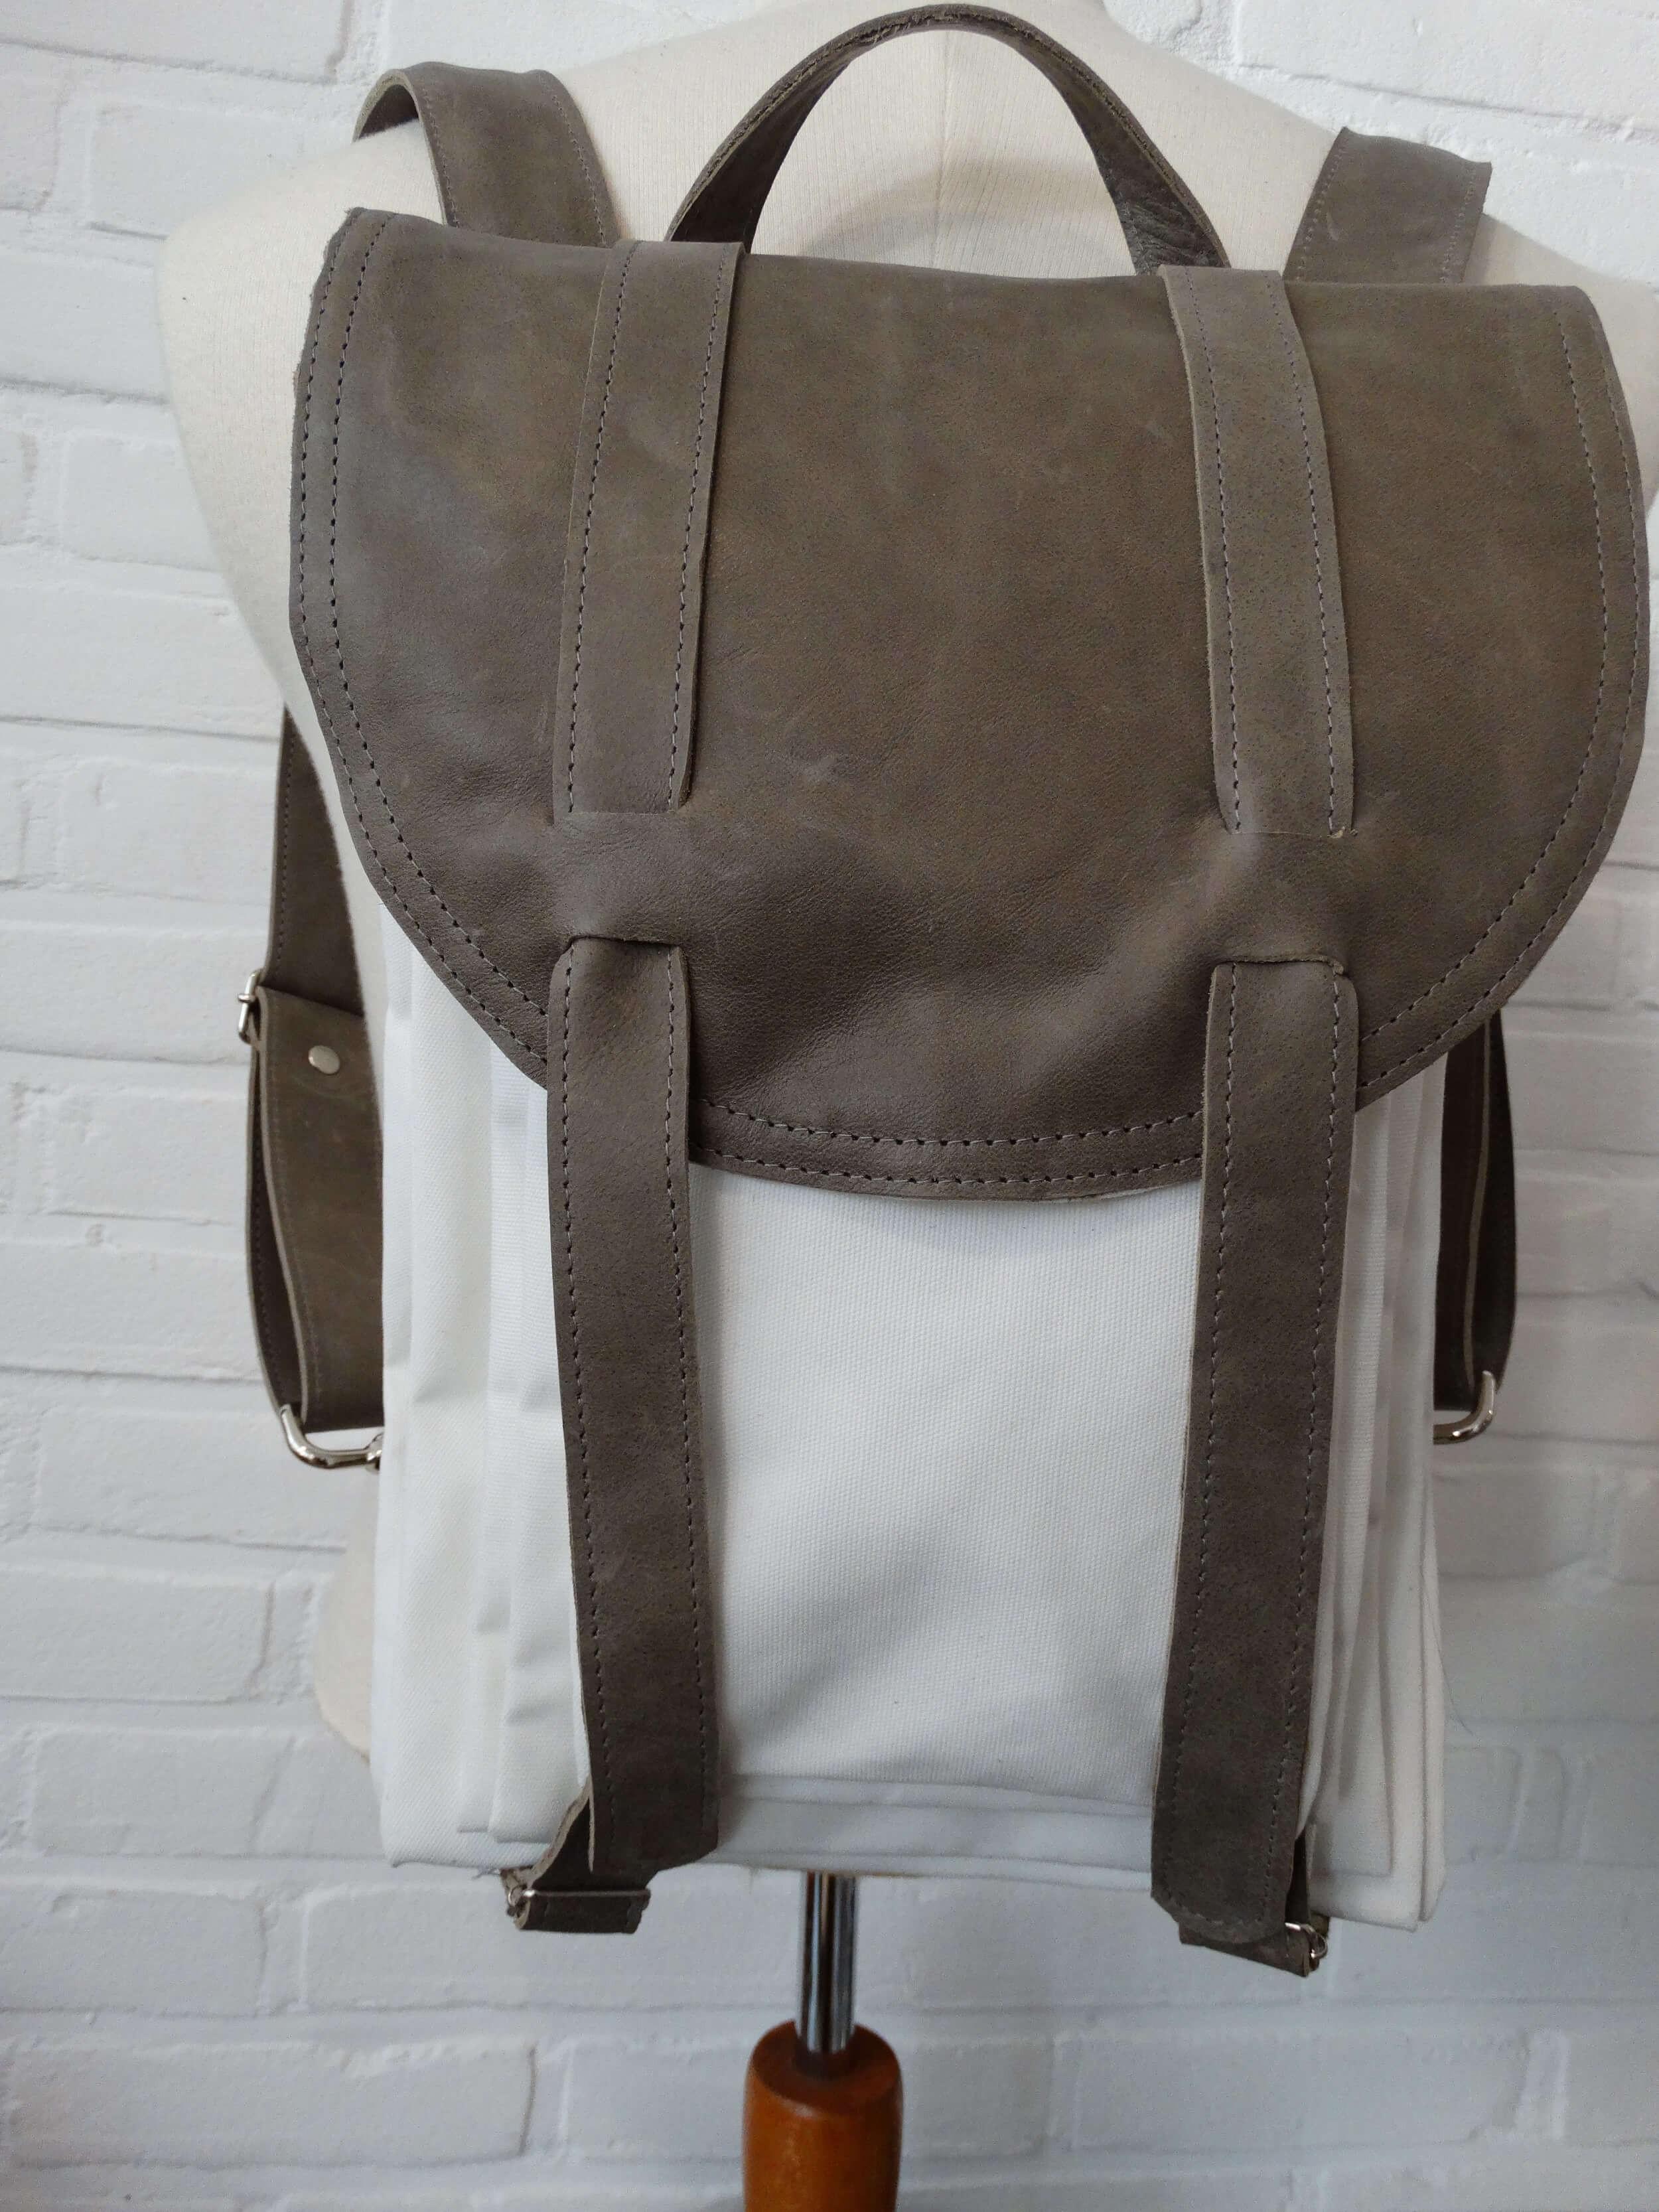 6-BAG White